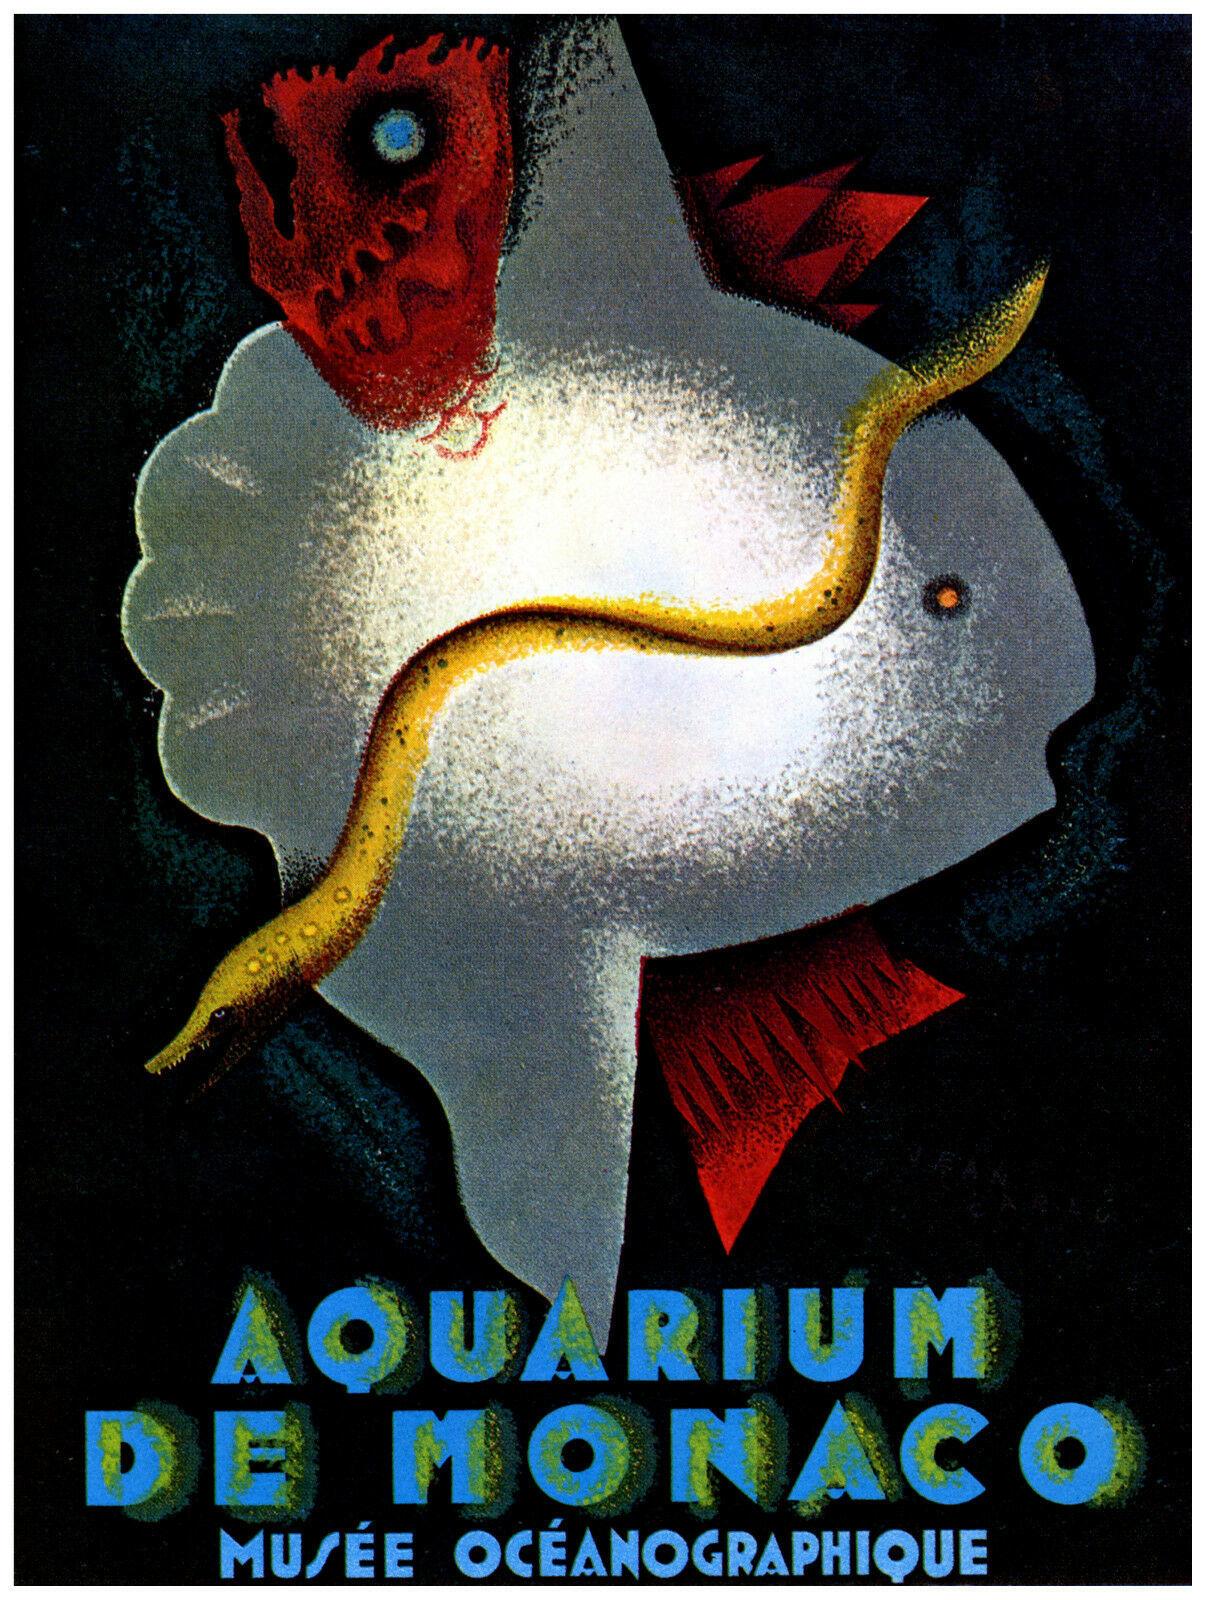 Quality POSTER.Monaco Aquarium Ocean Marine Fish.Home Interior Design.v03 - $9.90 - $79.20